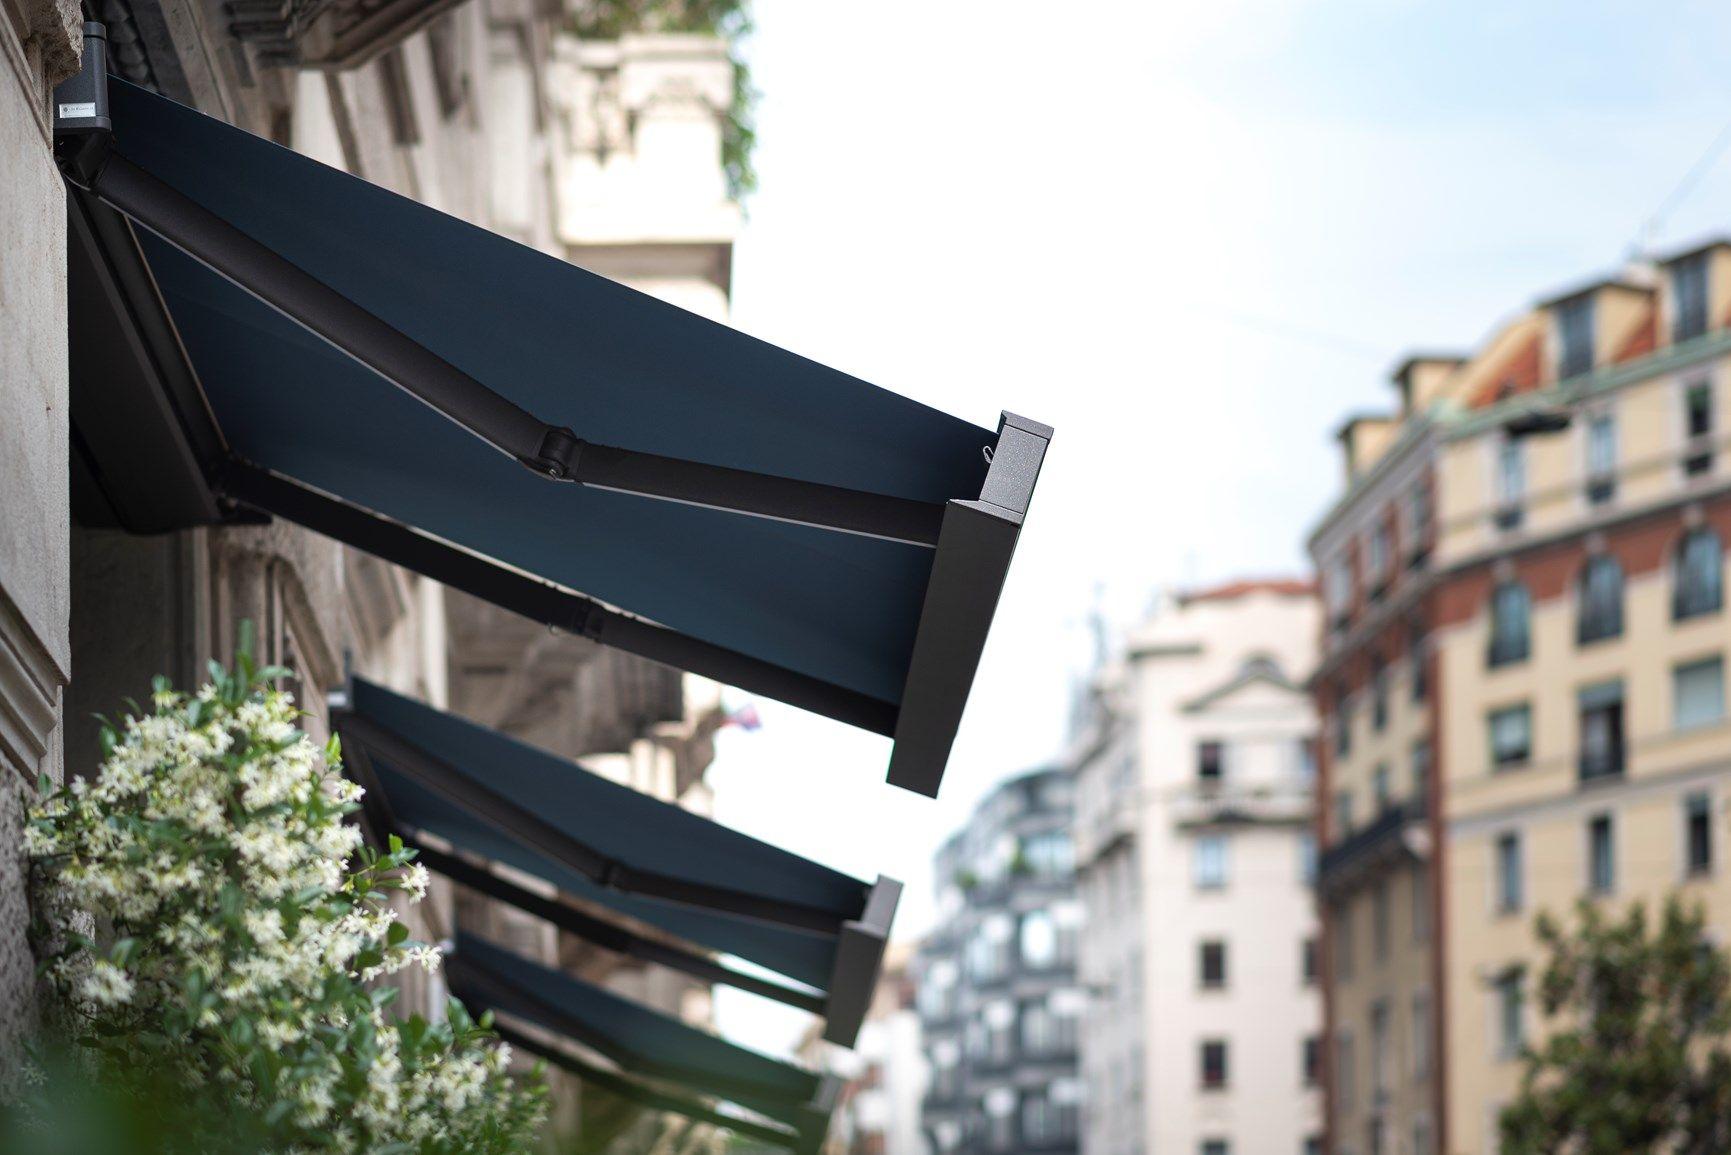 KE Outdoor Design per le vetrine del Plato Chic Superfood a Milano